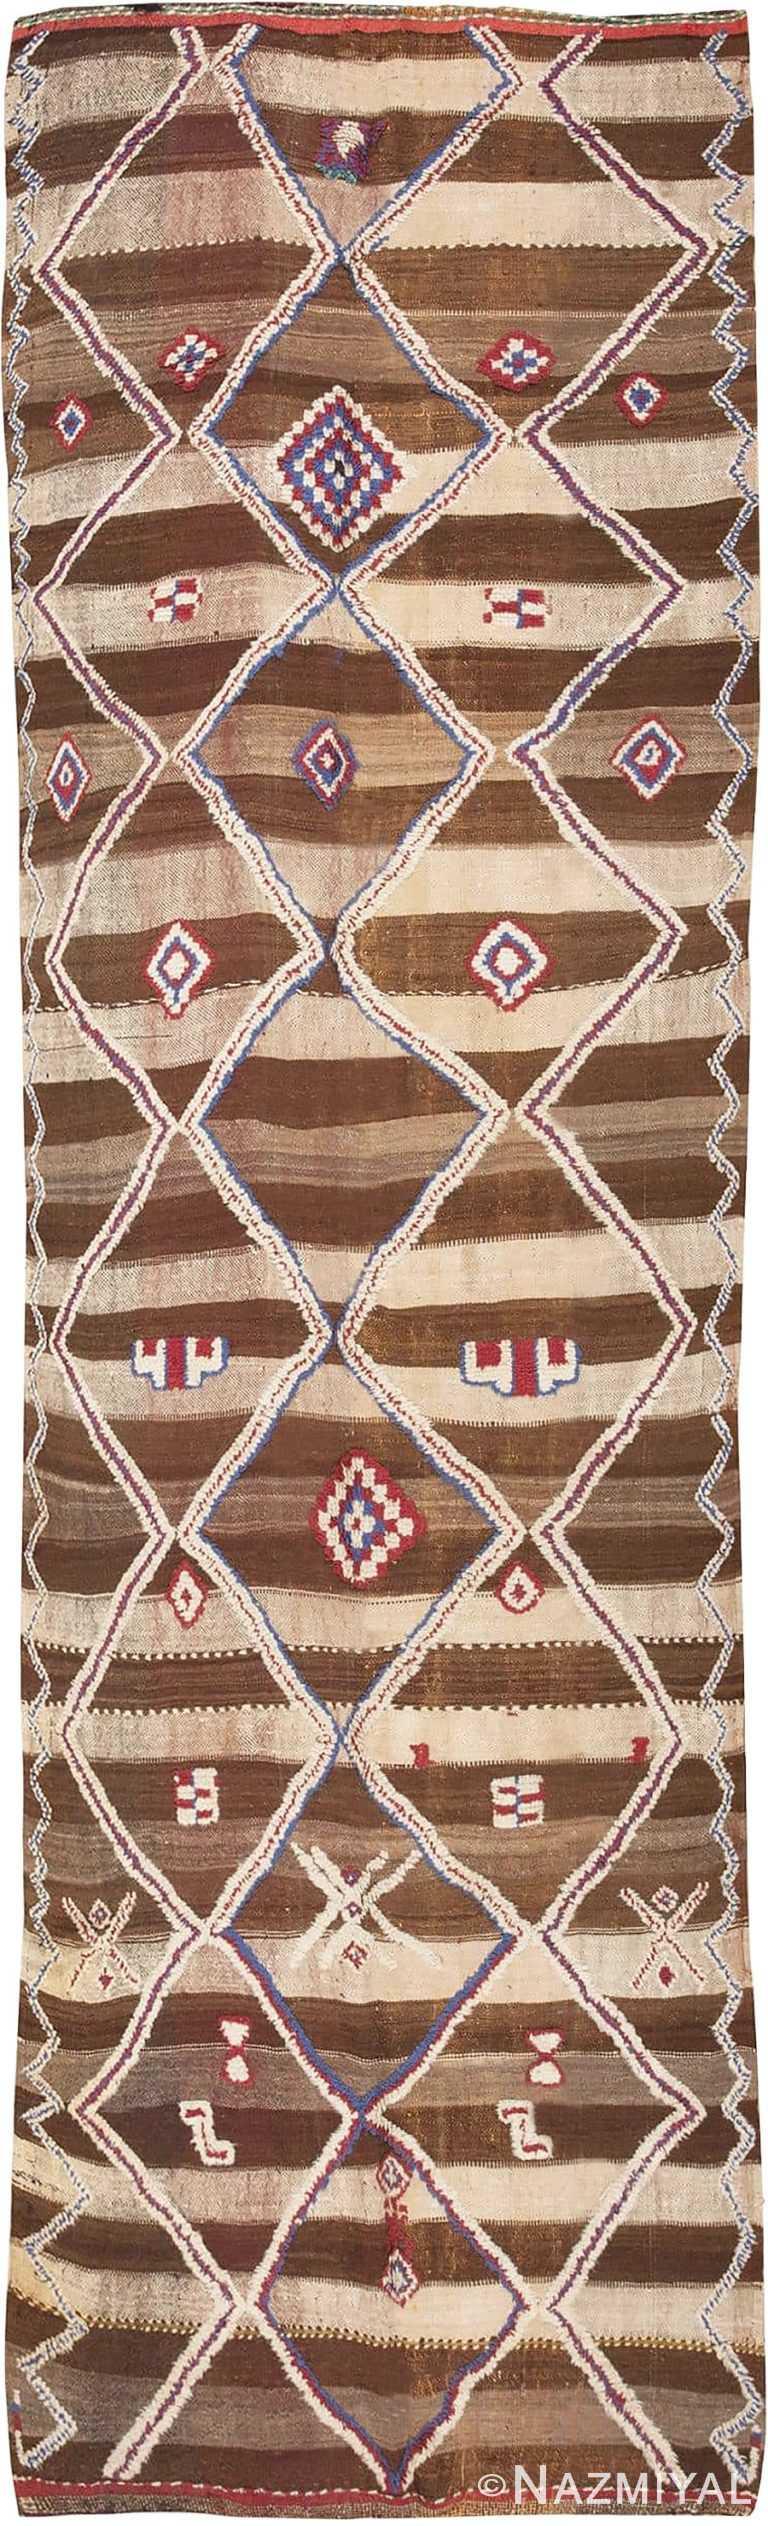 Tribal Vintage Moroccan Kilim Runner Rug #45683 by Nazmiyal Antique Rugs